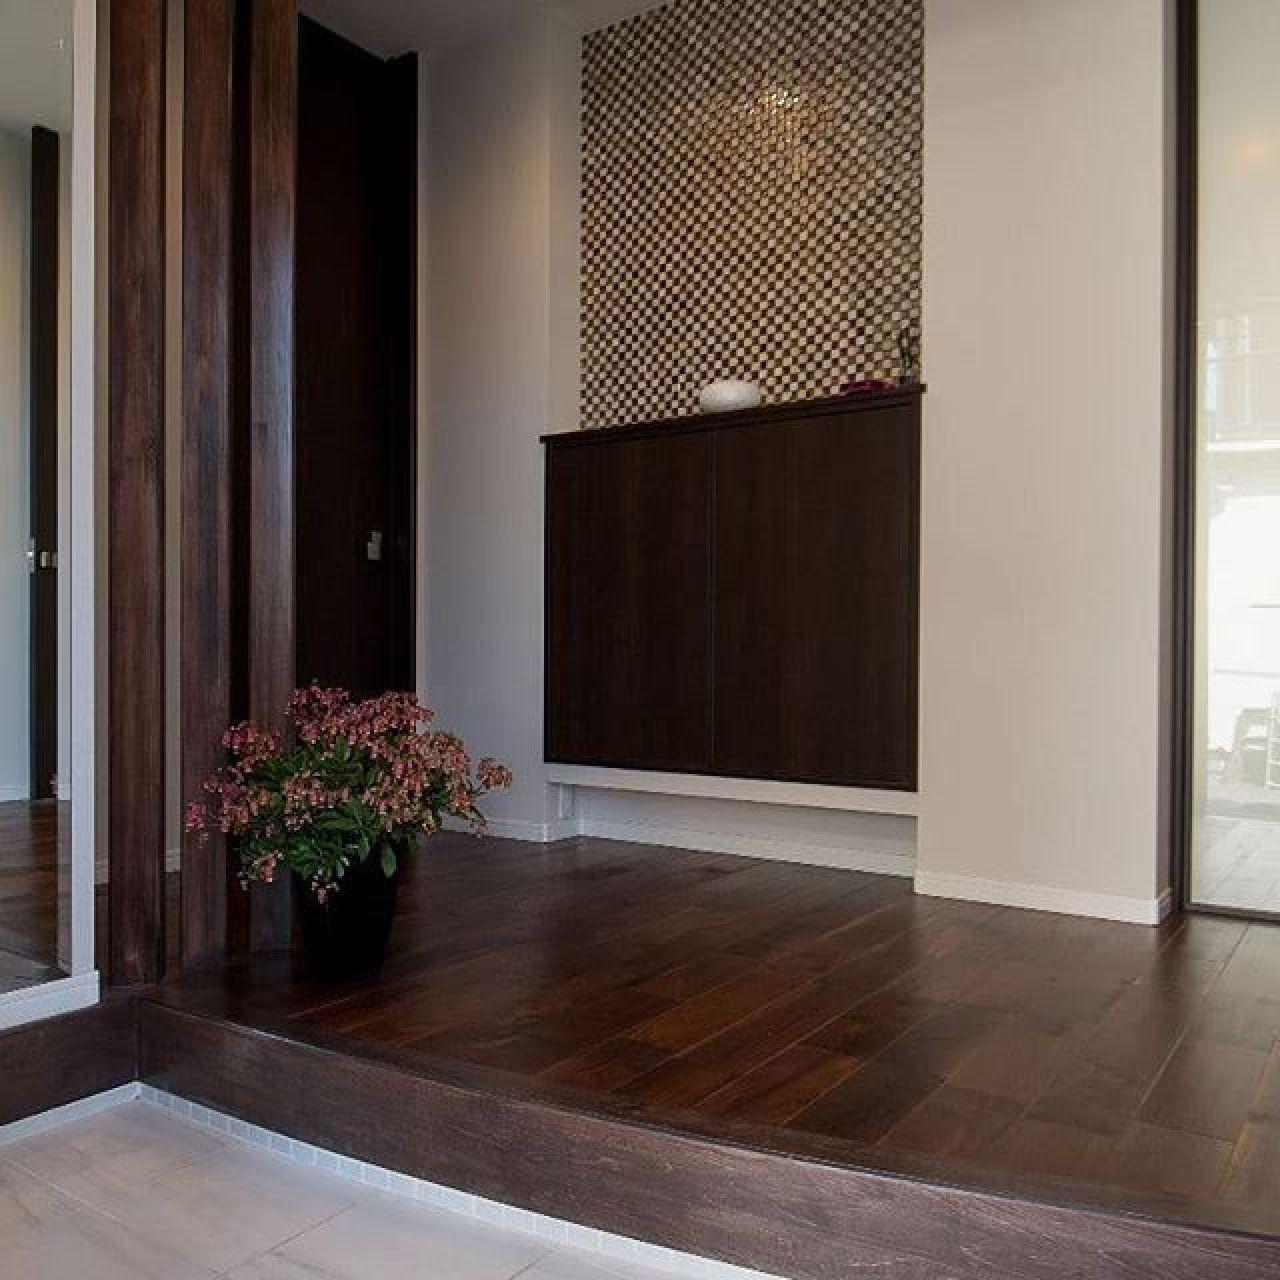 玄関ホールに吹かし壁で造作棚をおくだけでグッと雰囲気がでてきます。最初は棚をたくさん設置して収納にする予定が、シューズクロークが思った以上に広くとれたので変更。#玄関ホール、#施工例 、#エコカラット 、#丸い框、#飾り棚、#ウォールナット 、#造作柱